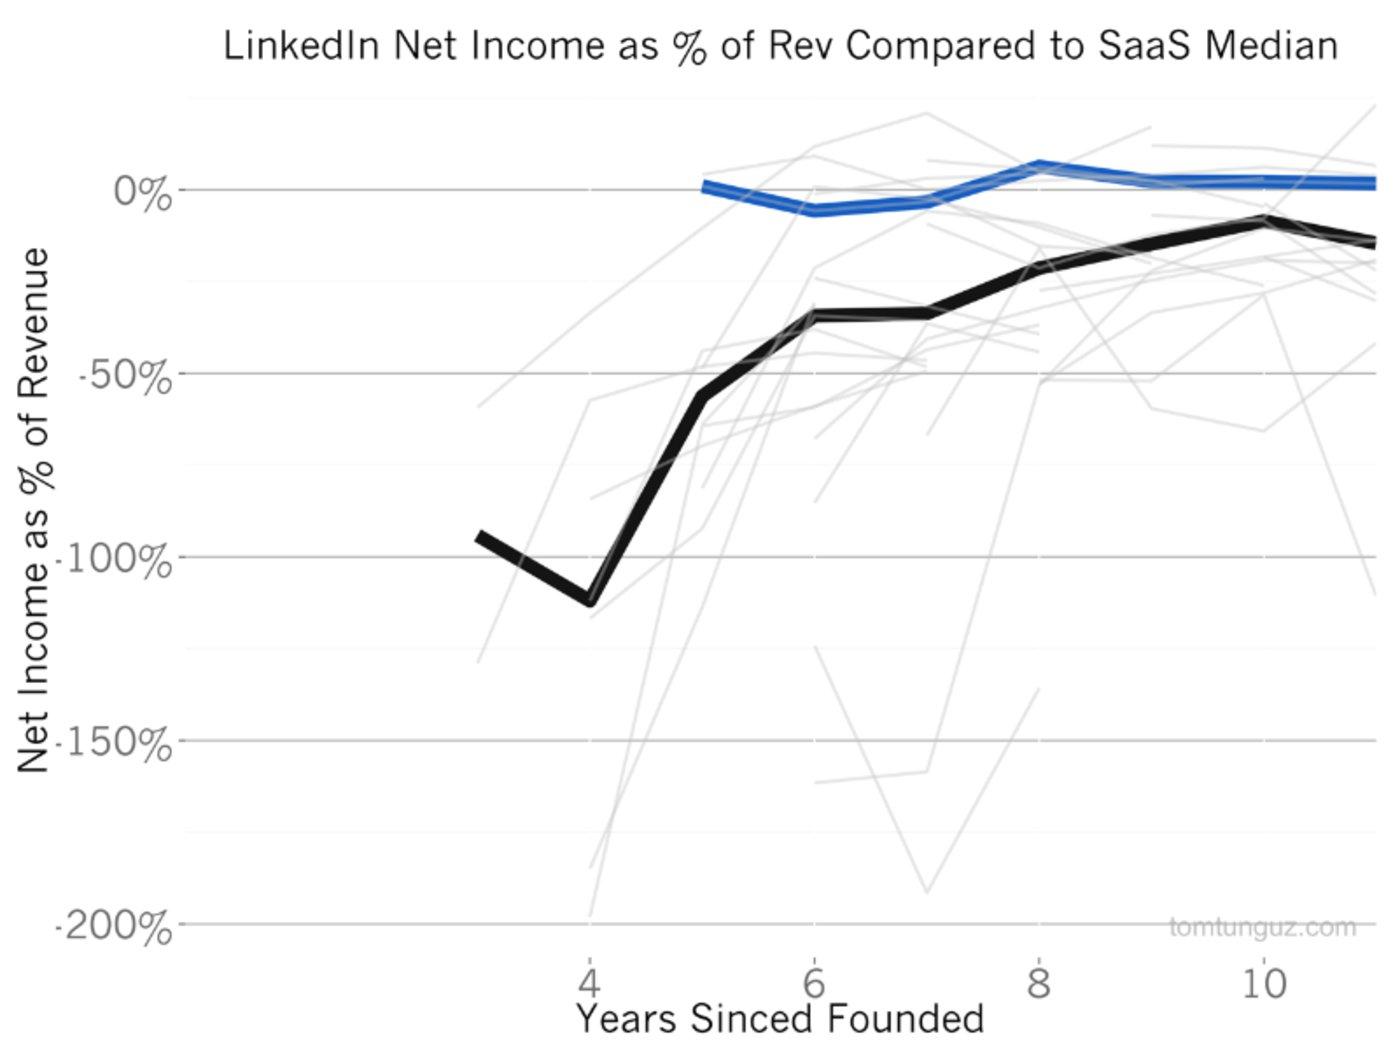 (图片来源自www.tomtunguz.com对LinkedIn的S1分析)